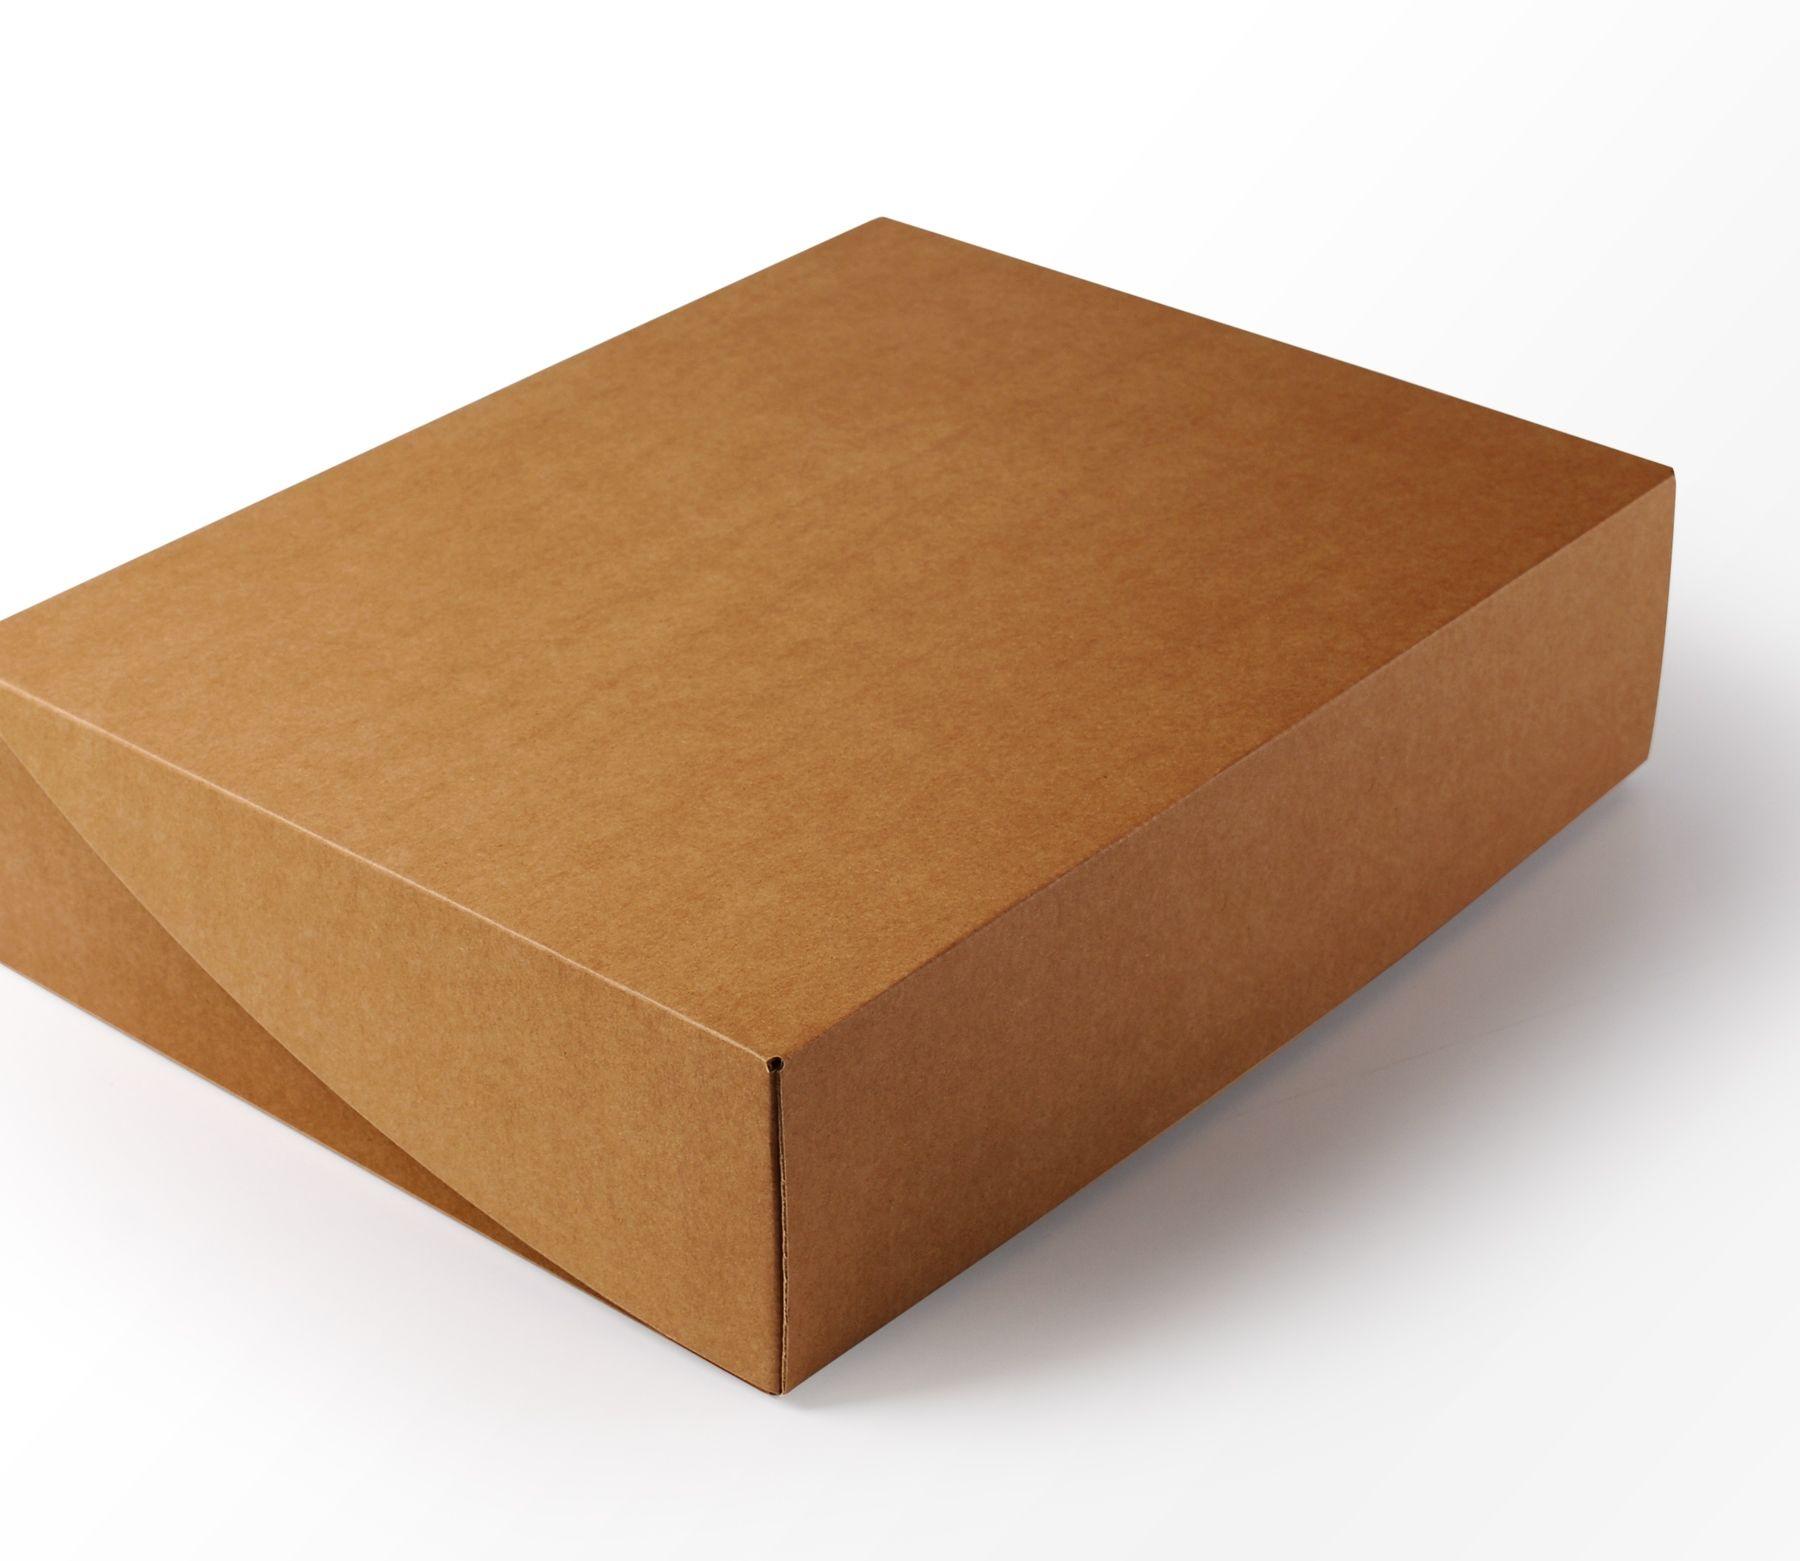 Caja de envíos premium muy grande f15828216d5